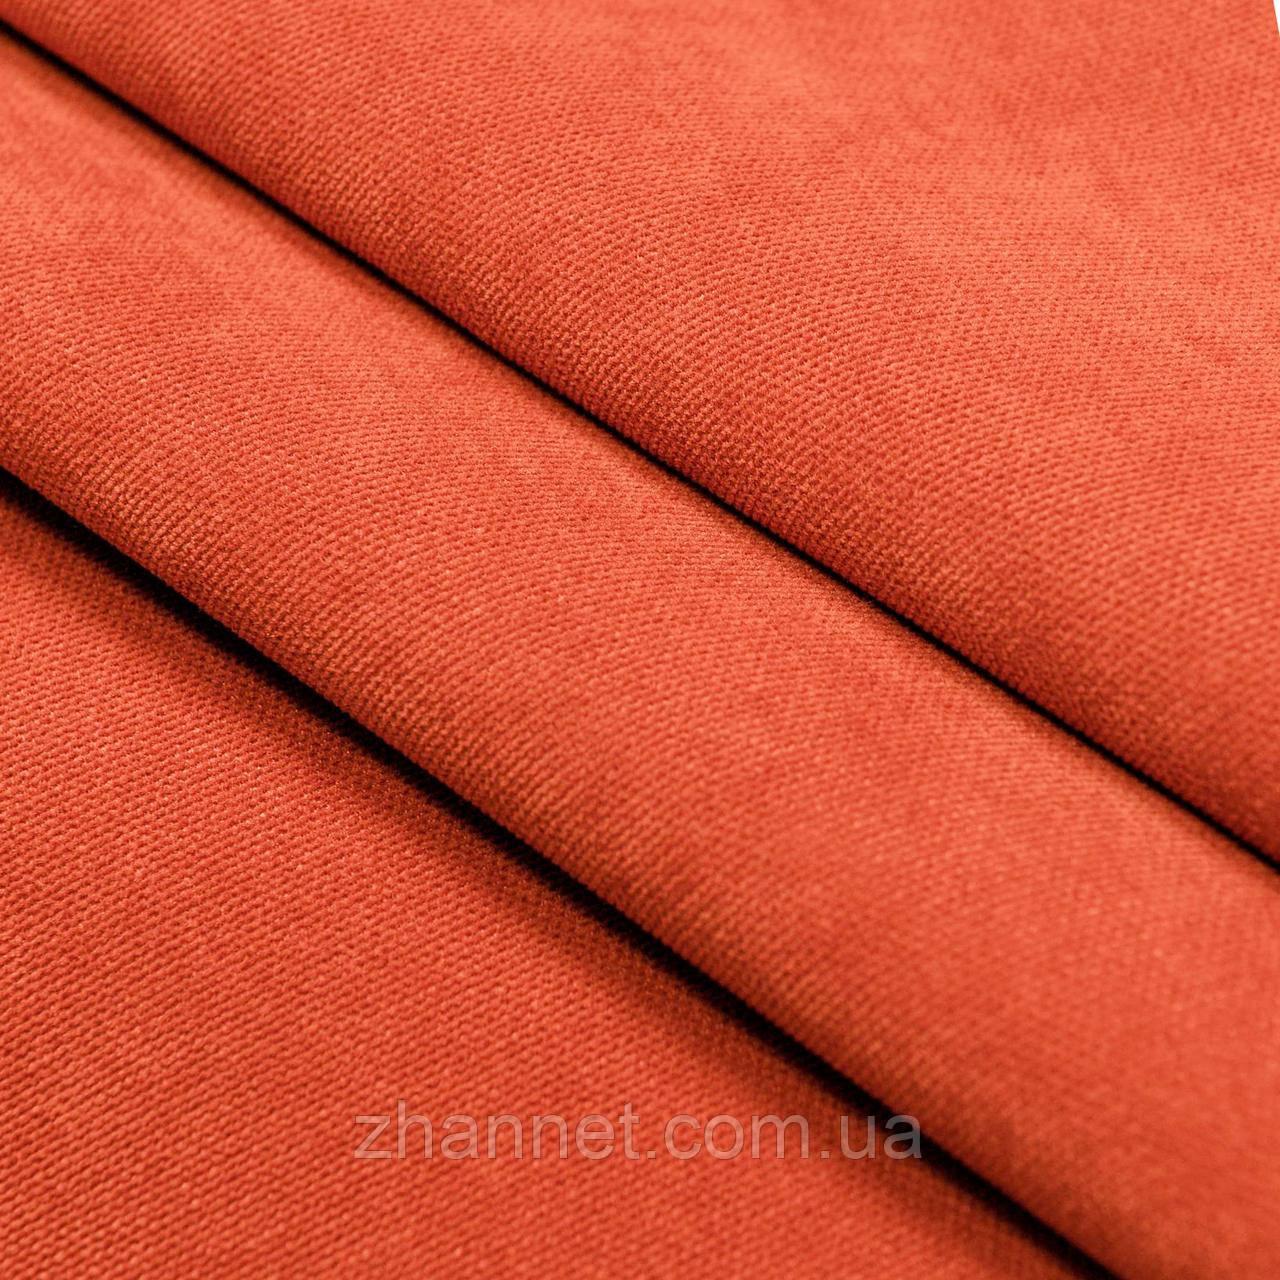 Ткань для штор Diamond терракот 295 см (1403107)